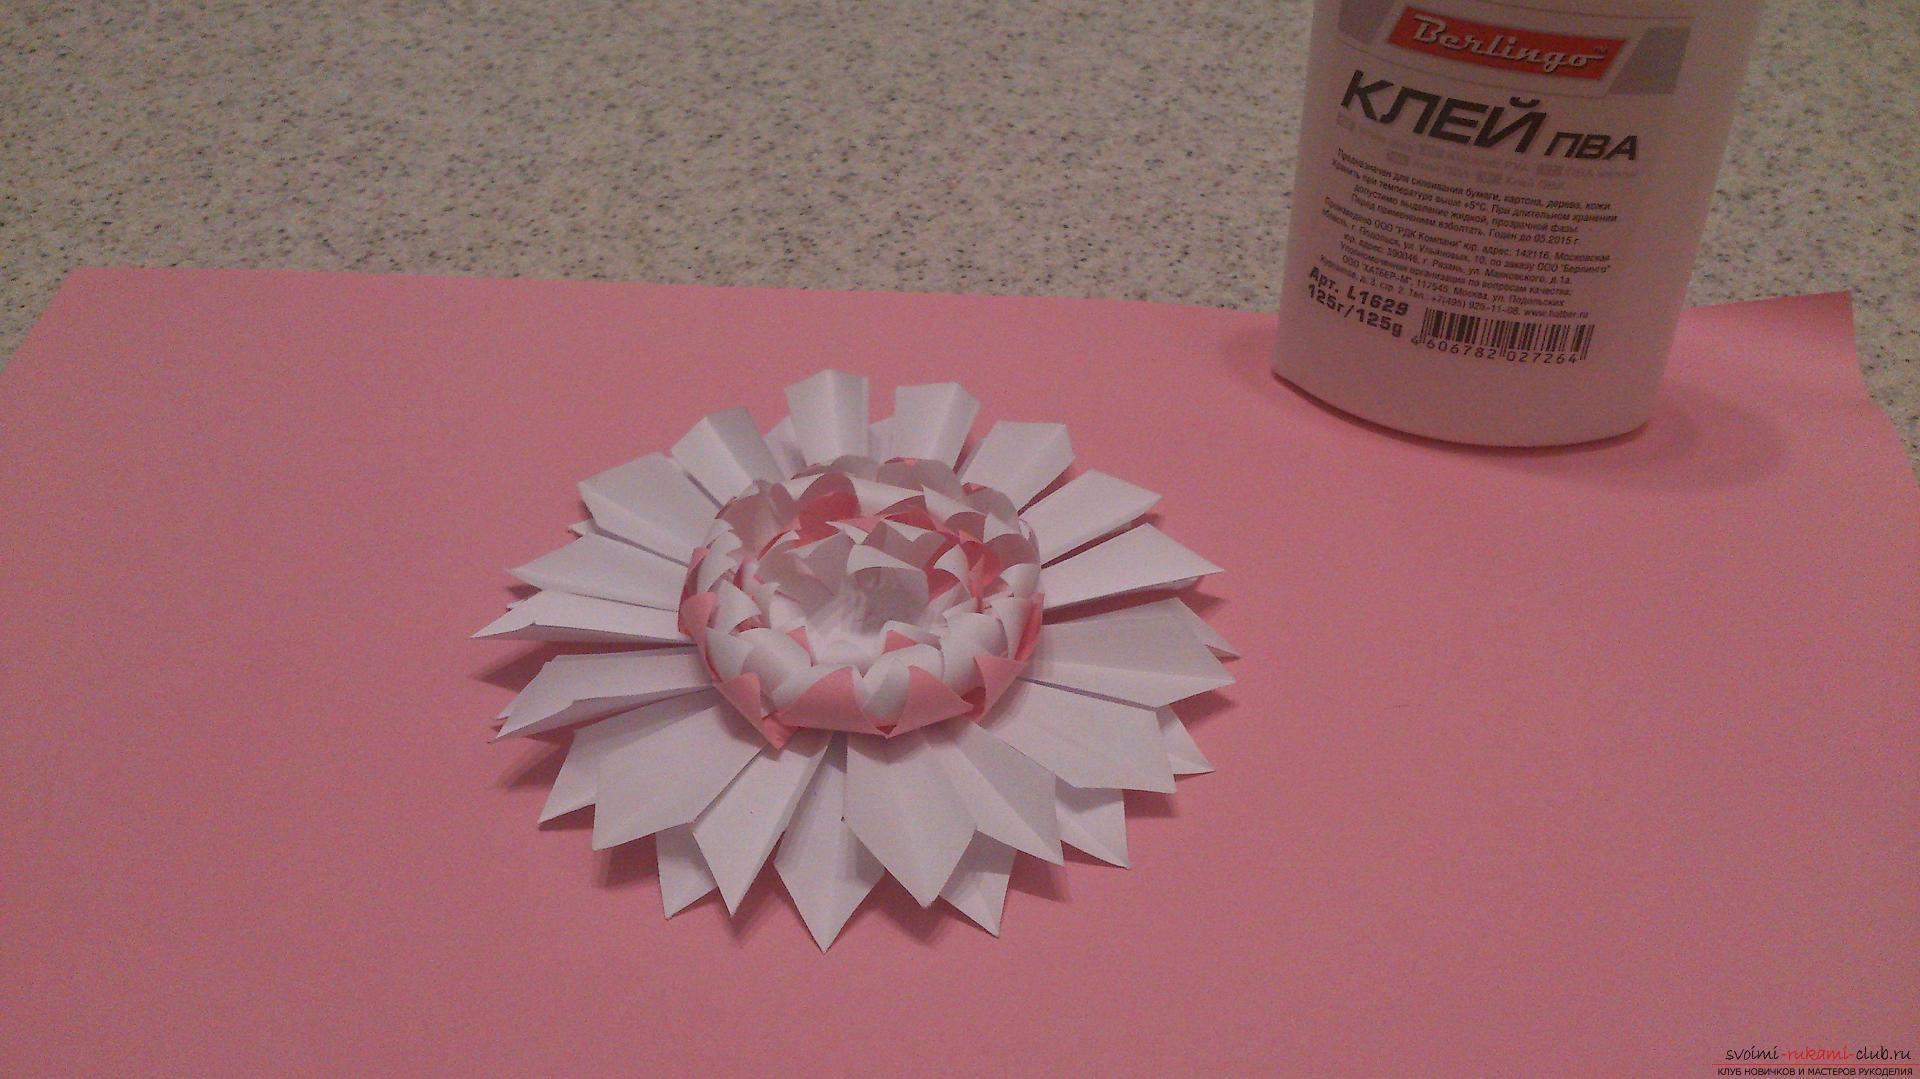 Поделки в технике бумагопластики очень разнообразны, предлагаем сделать картину из цветов, а цветы из бумаги изготовим своими руками.. Фото №14